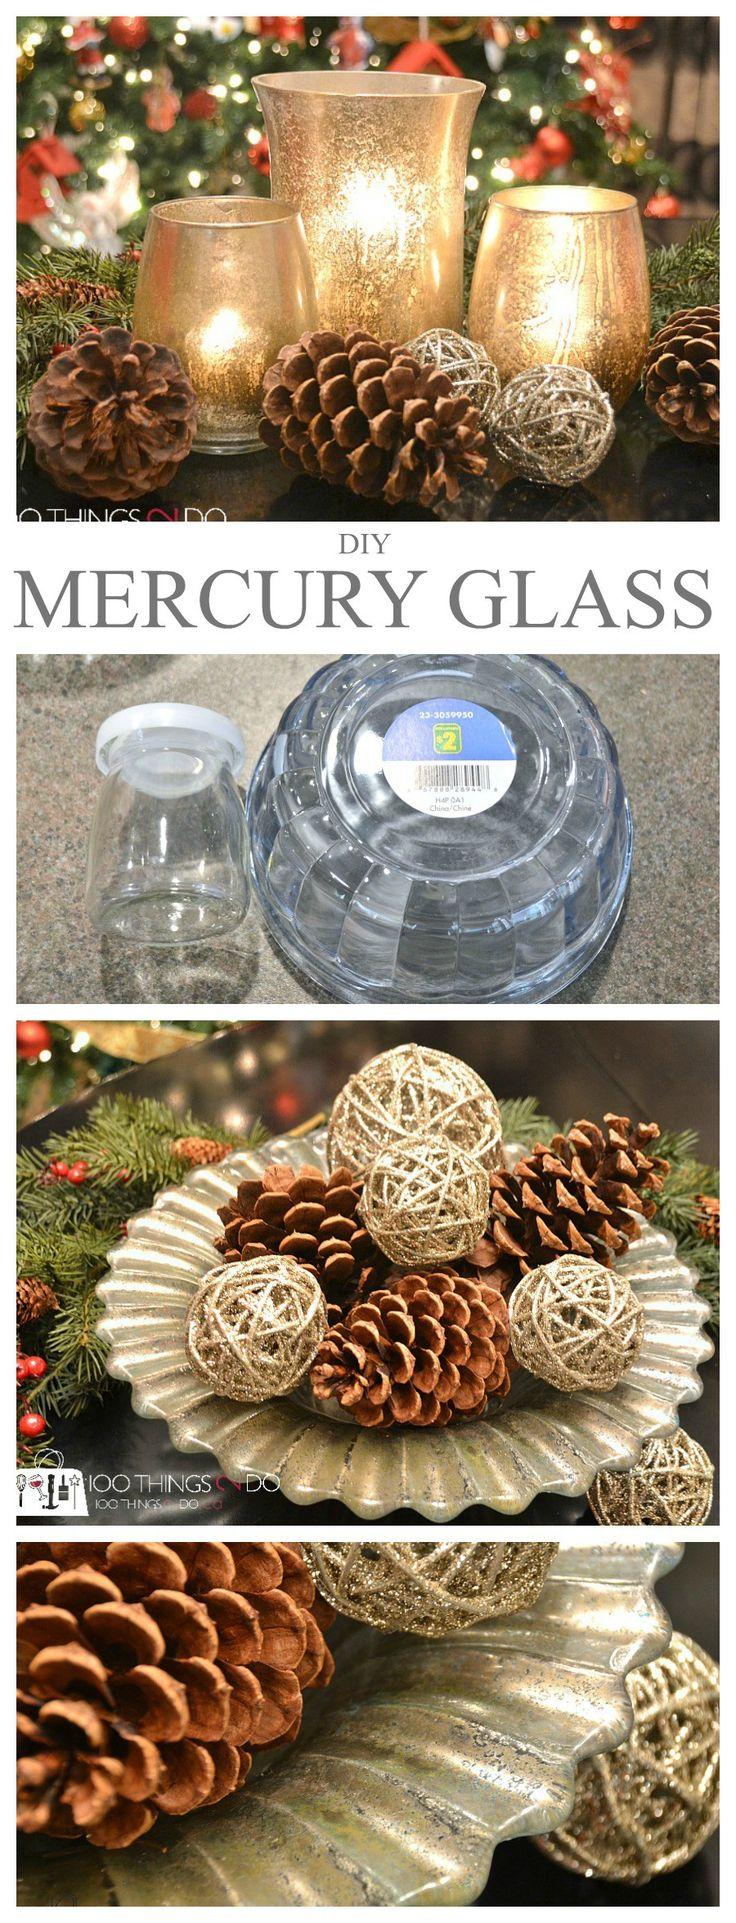 DIY Mercury glass, mercury glass, mercury glass vase, mercury glass votive, mercury glass bowl, Rust-Oleum Mirror Effect in gold